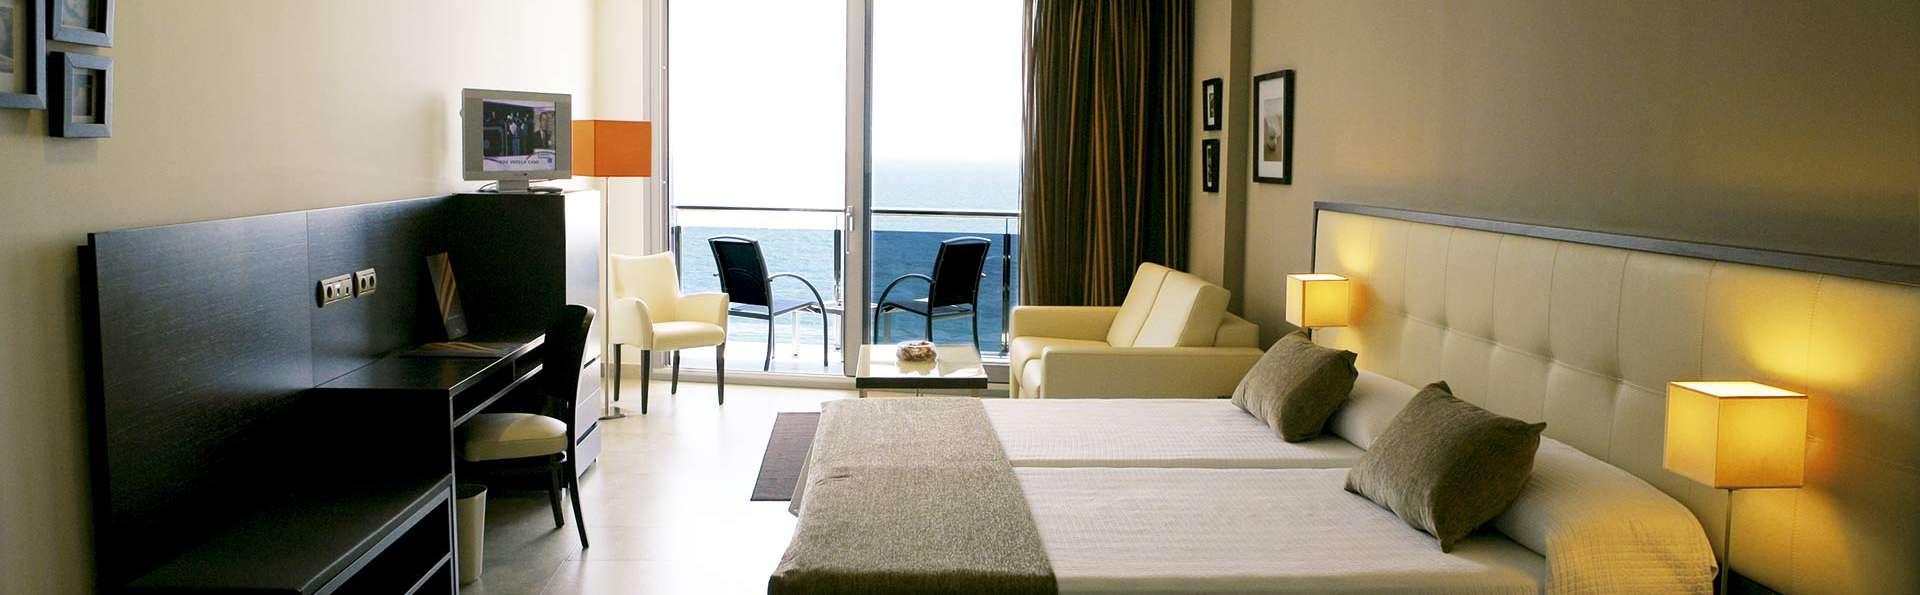 Gran Hotel Sol y Mar (Adults Only) - EDIT_room2.jpg